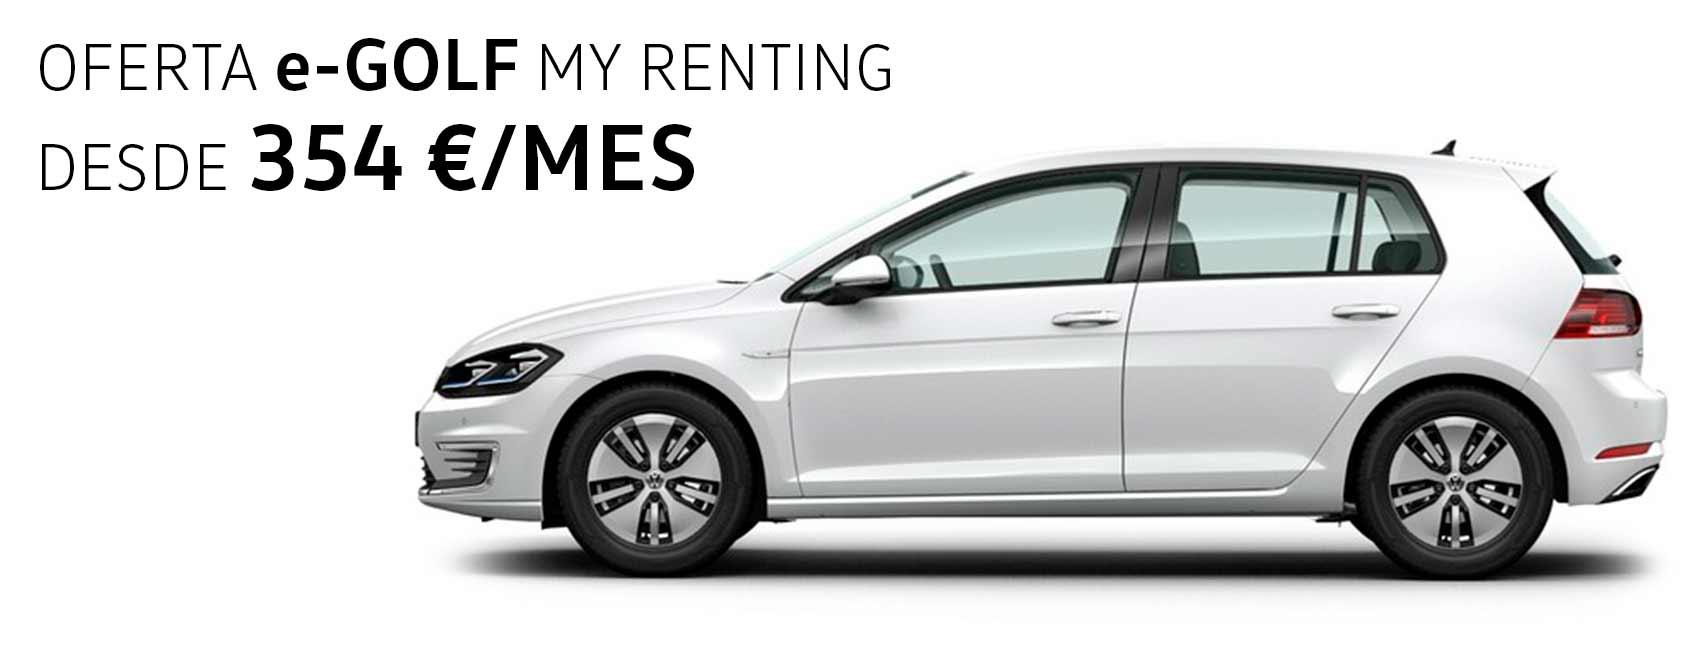 Volkswagen e-Golf renting Zaragoza